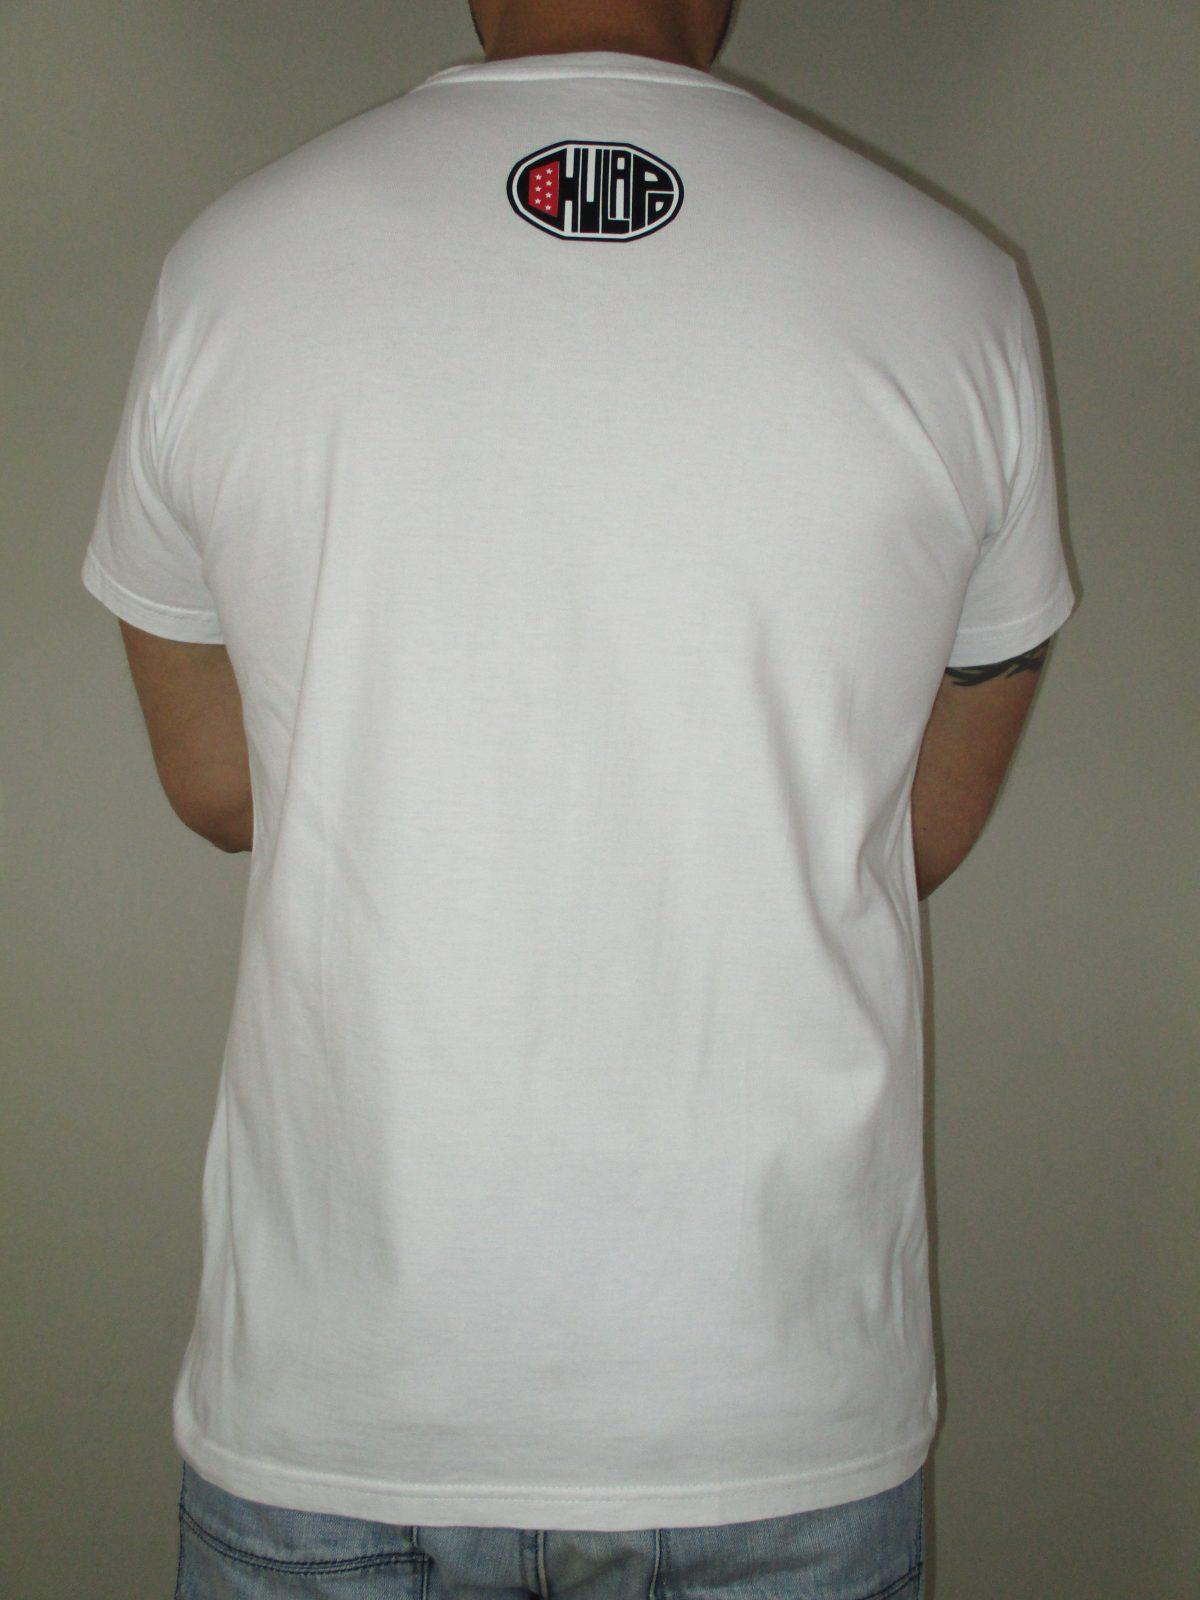 Chulapo Madrid Madrileño Minerva Hecho en España Calidad Camiseta con identidad Original